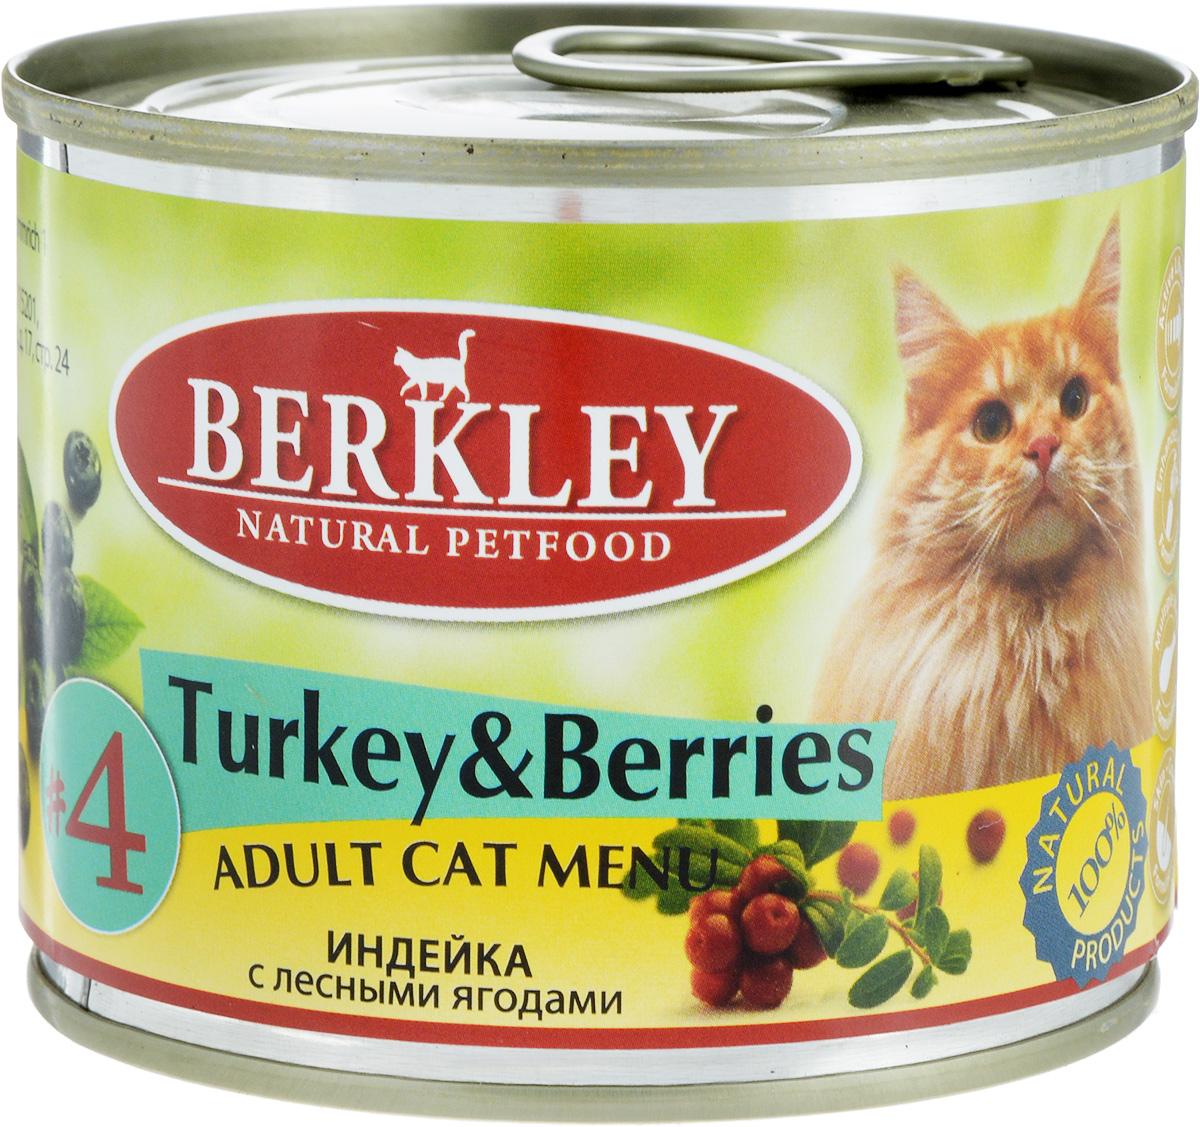 Консервы Berkley №4, для взрослых кошек, индейка с лесными ягодами, 200 г12171996Консервы Berkley №4 - полноценное консервированное питание для взрослых кошек. Не содержат сои, консервантов, искусственных красителей и ароматизаторов. Корм полностью удовлетворяет ежедневные энергетические потребности животного и обеспечивает оптимальное функционирование пищеварительной системы.Товар сертифицирован.